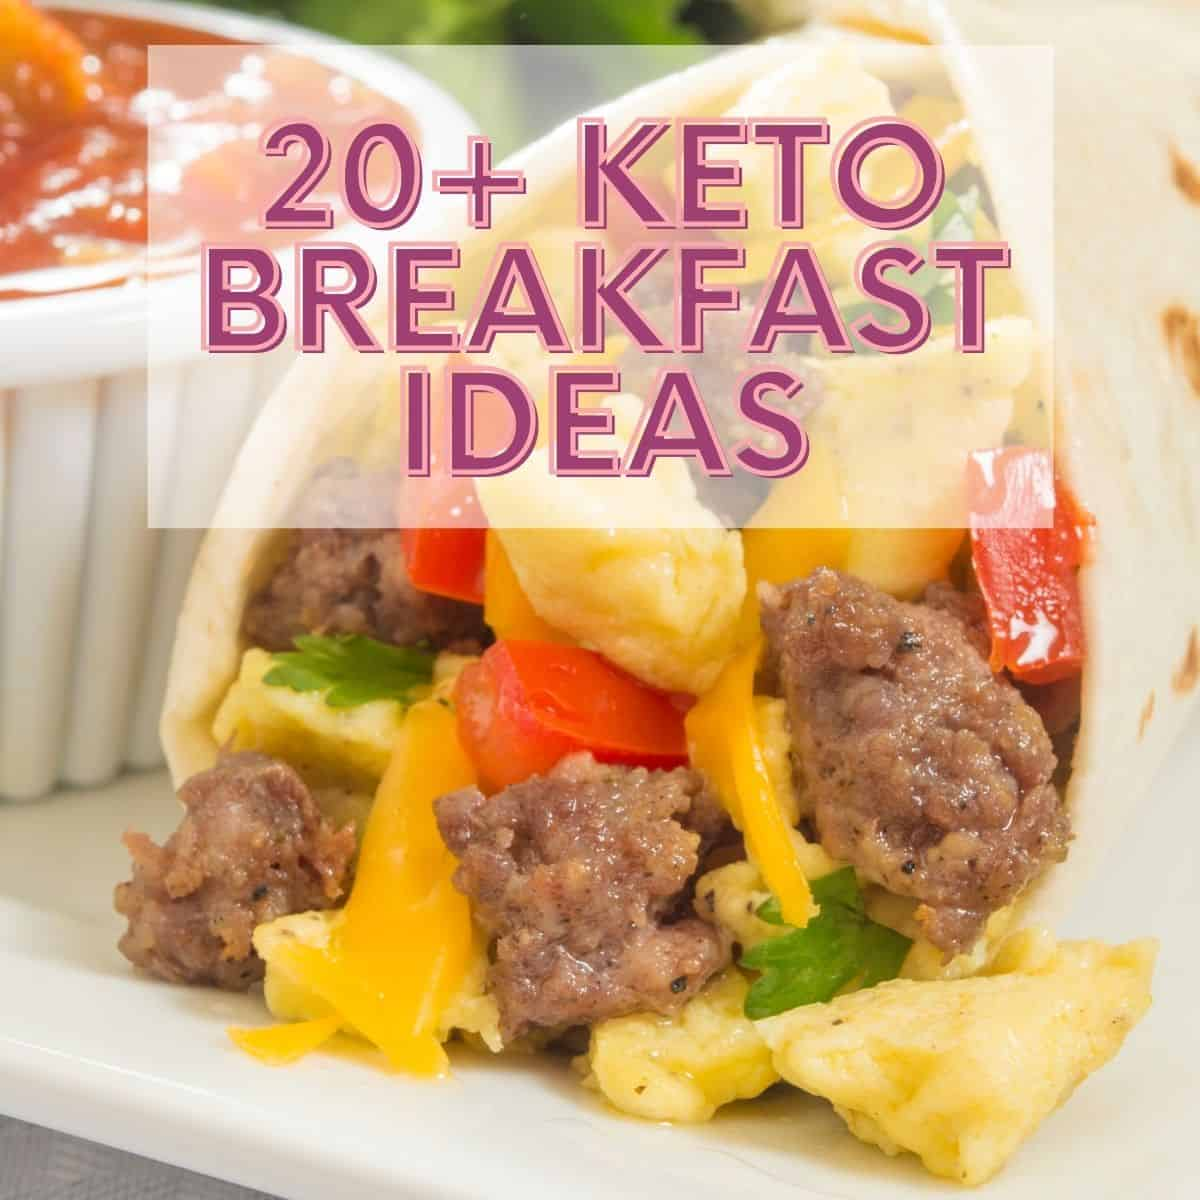 Keto Breakfast Ideas FI